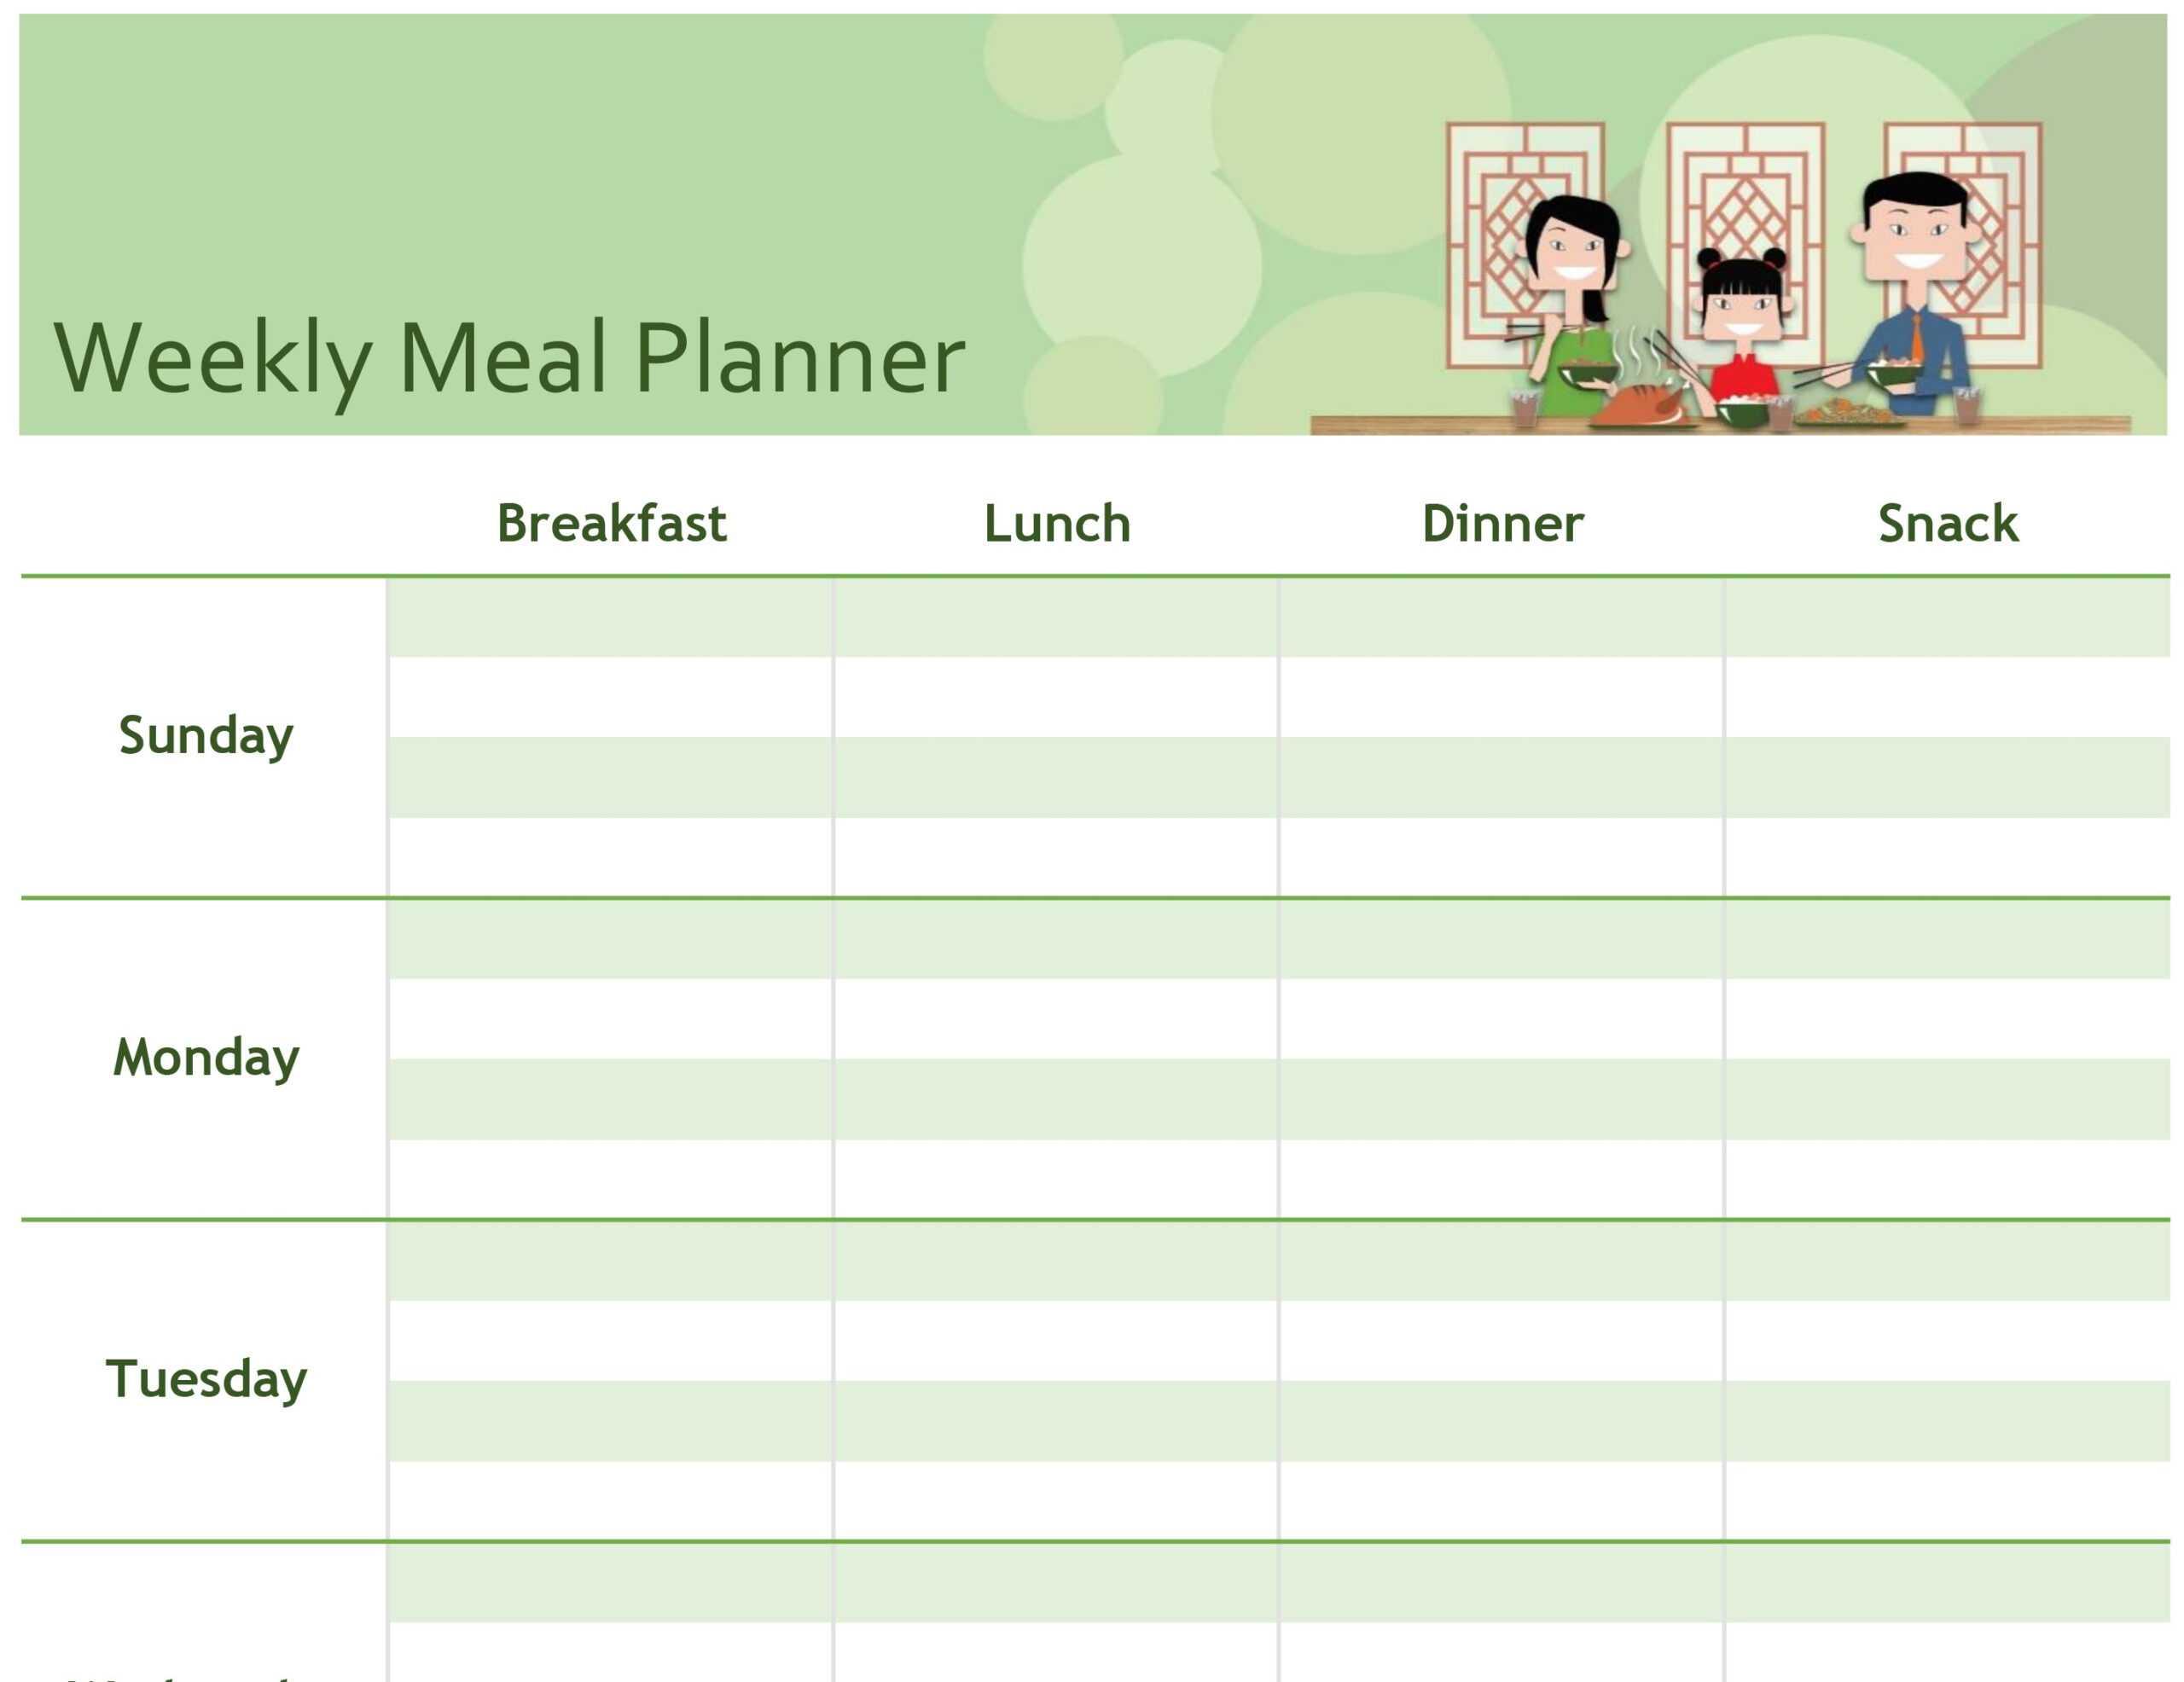 Simple Meal Planner Regarding Weekly Meal Planner Template Word